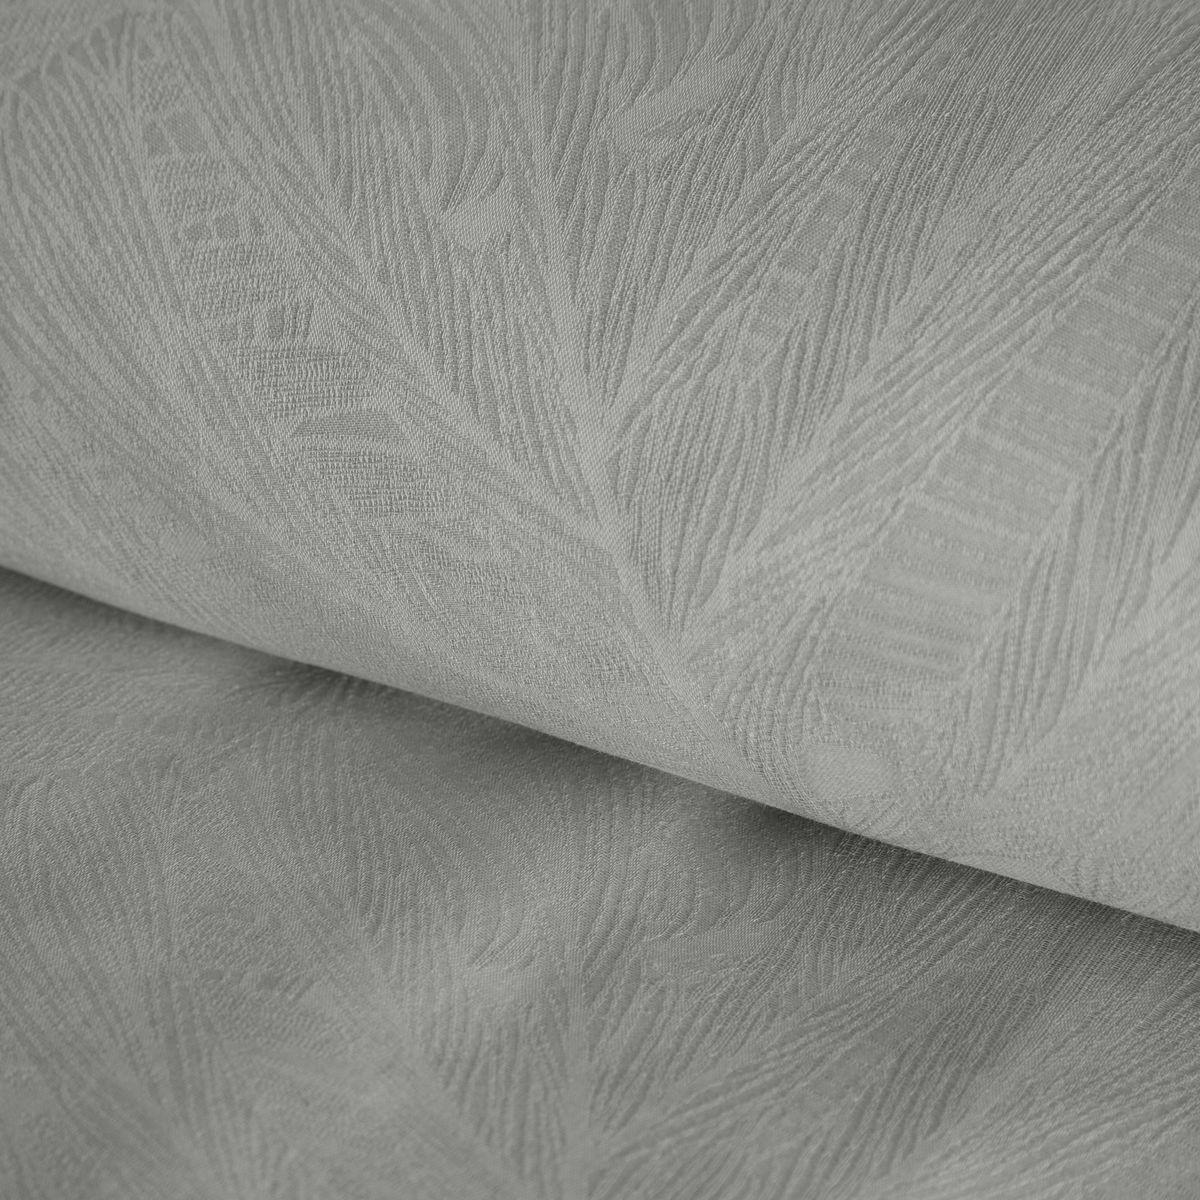 DomTextilu Strieborno sivé dámaškové bavlnené posteľné obliečky s reliéfnou štruktúrou kvetov 3 časti: 1ks 200x220 + 2ks 70x80 Sivá 3 časti: 1ks 200x220 + 2ks 70x80 44501-208130